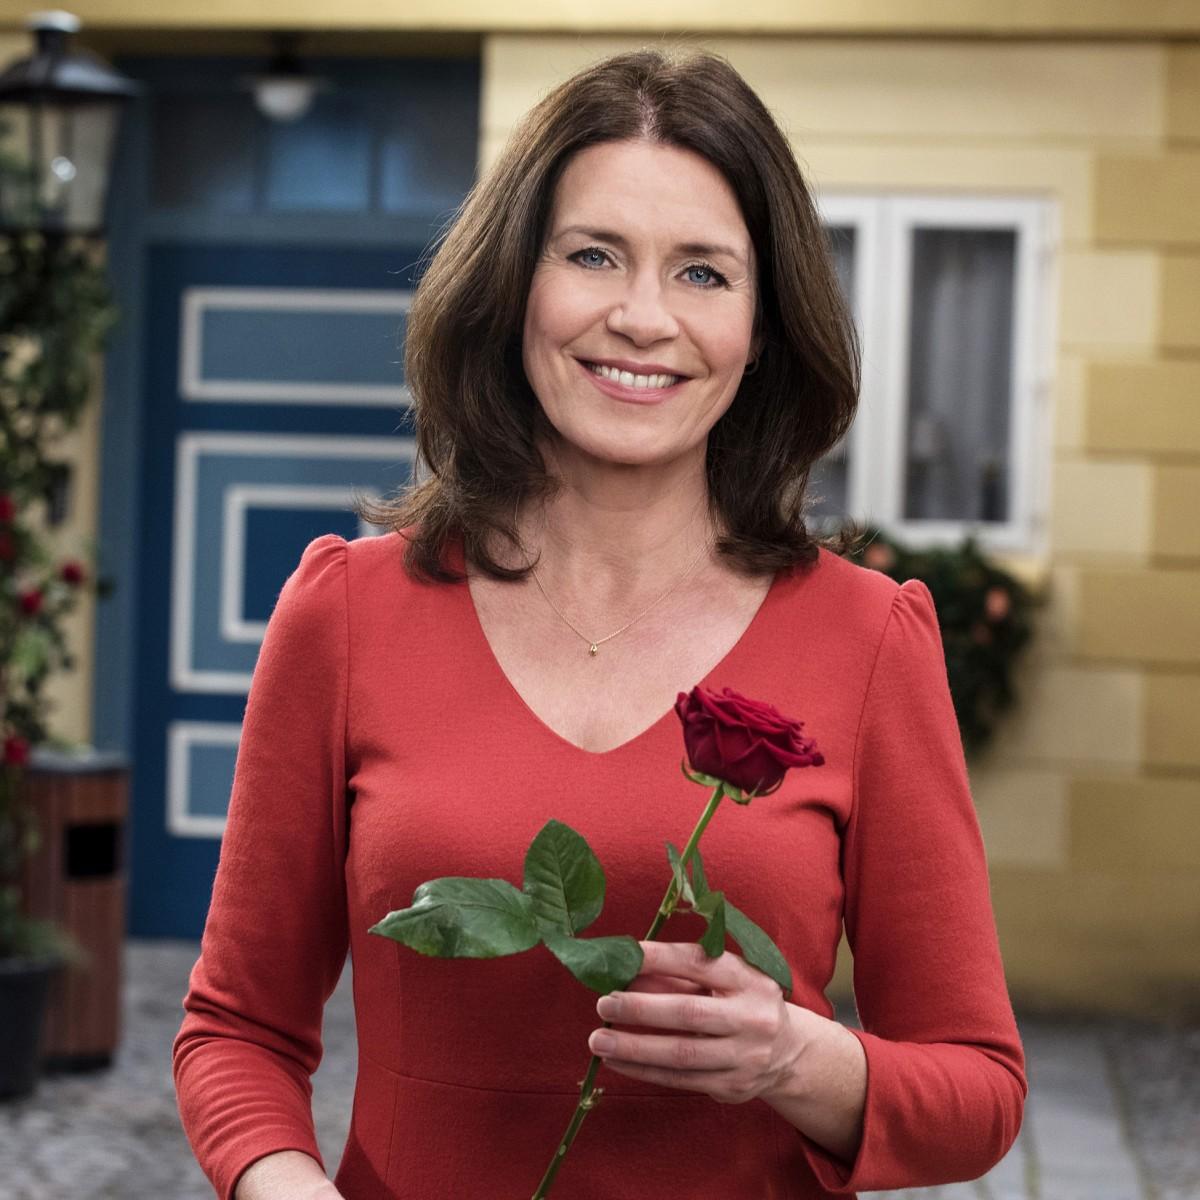 Rote Rosen: Patricia Schäfer wird Serienheldin der 14